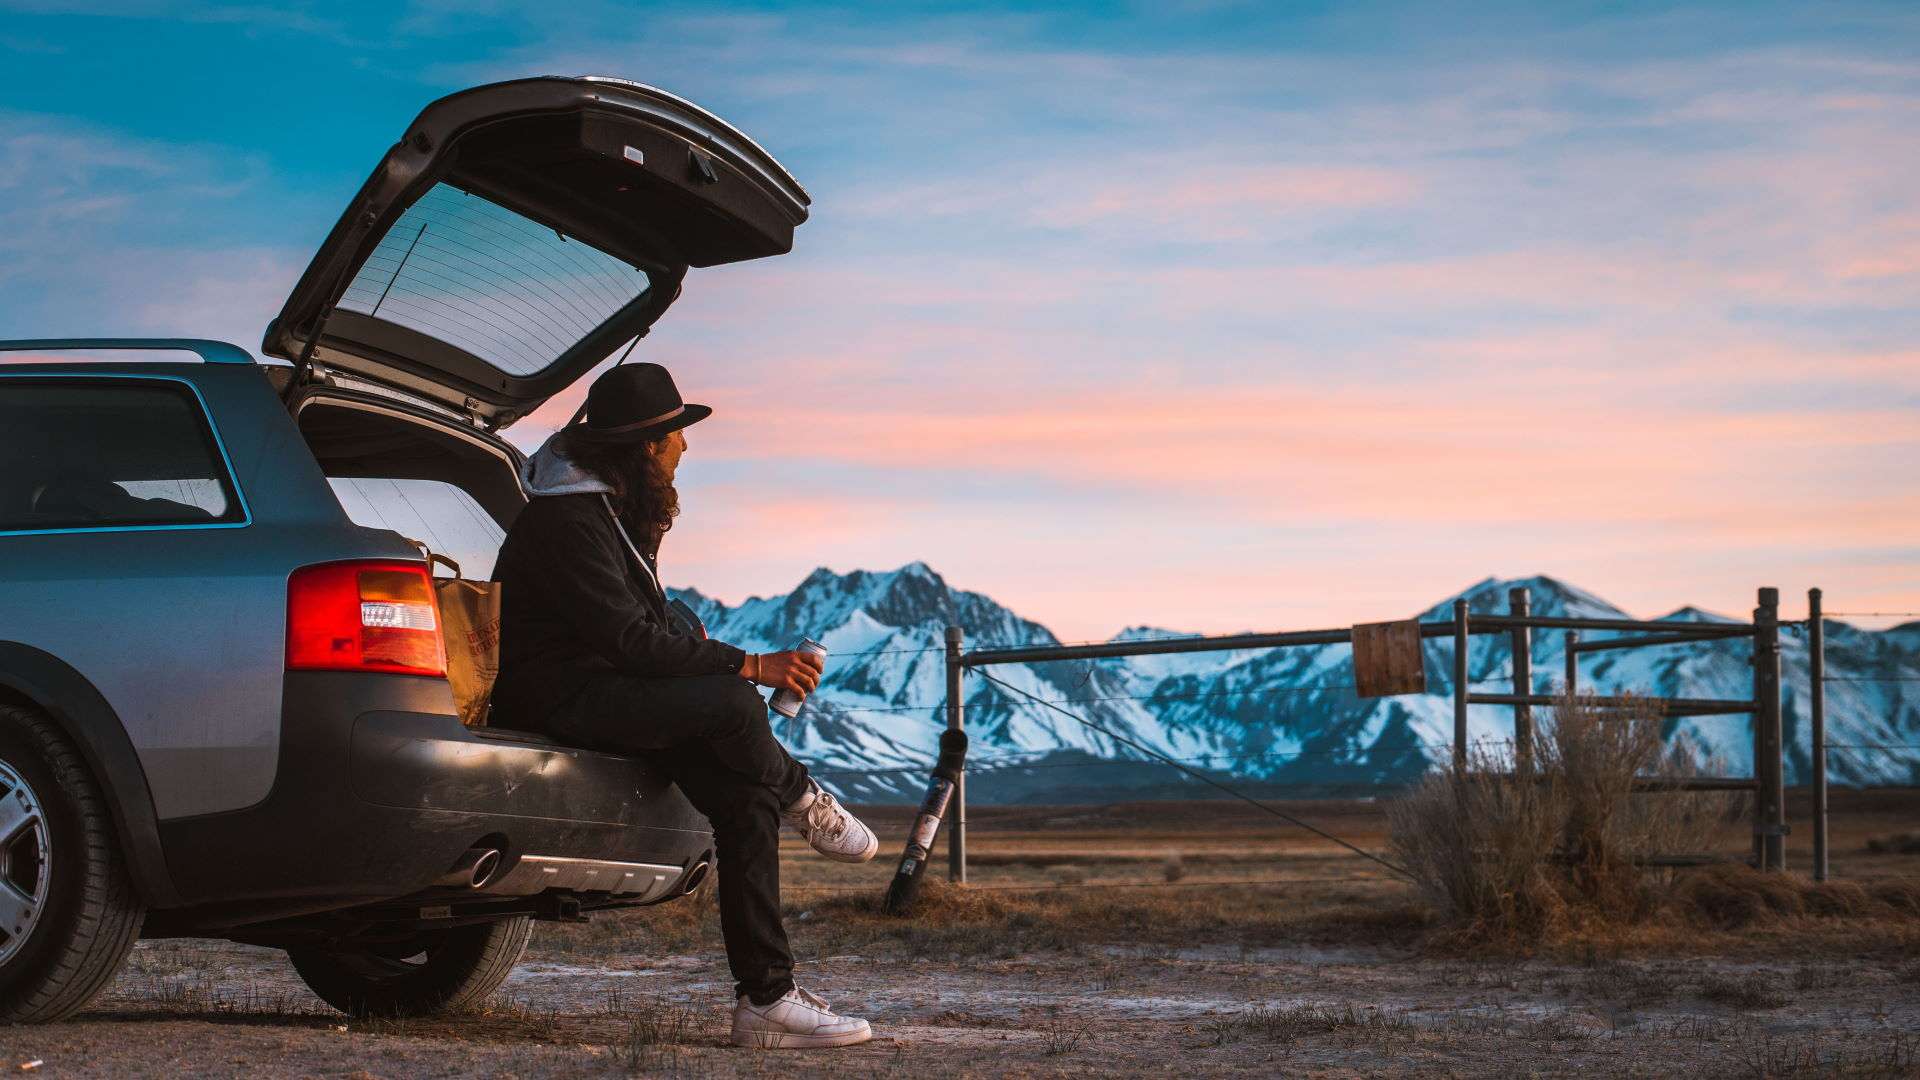 Pause im Kofferraum des Autos vor schöner Landschaft